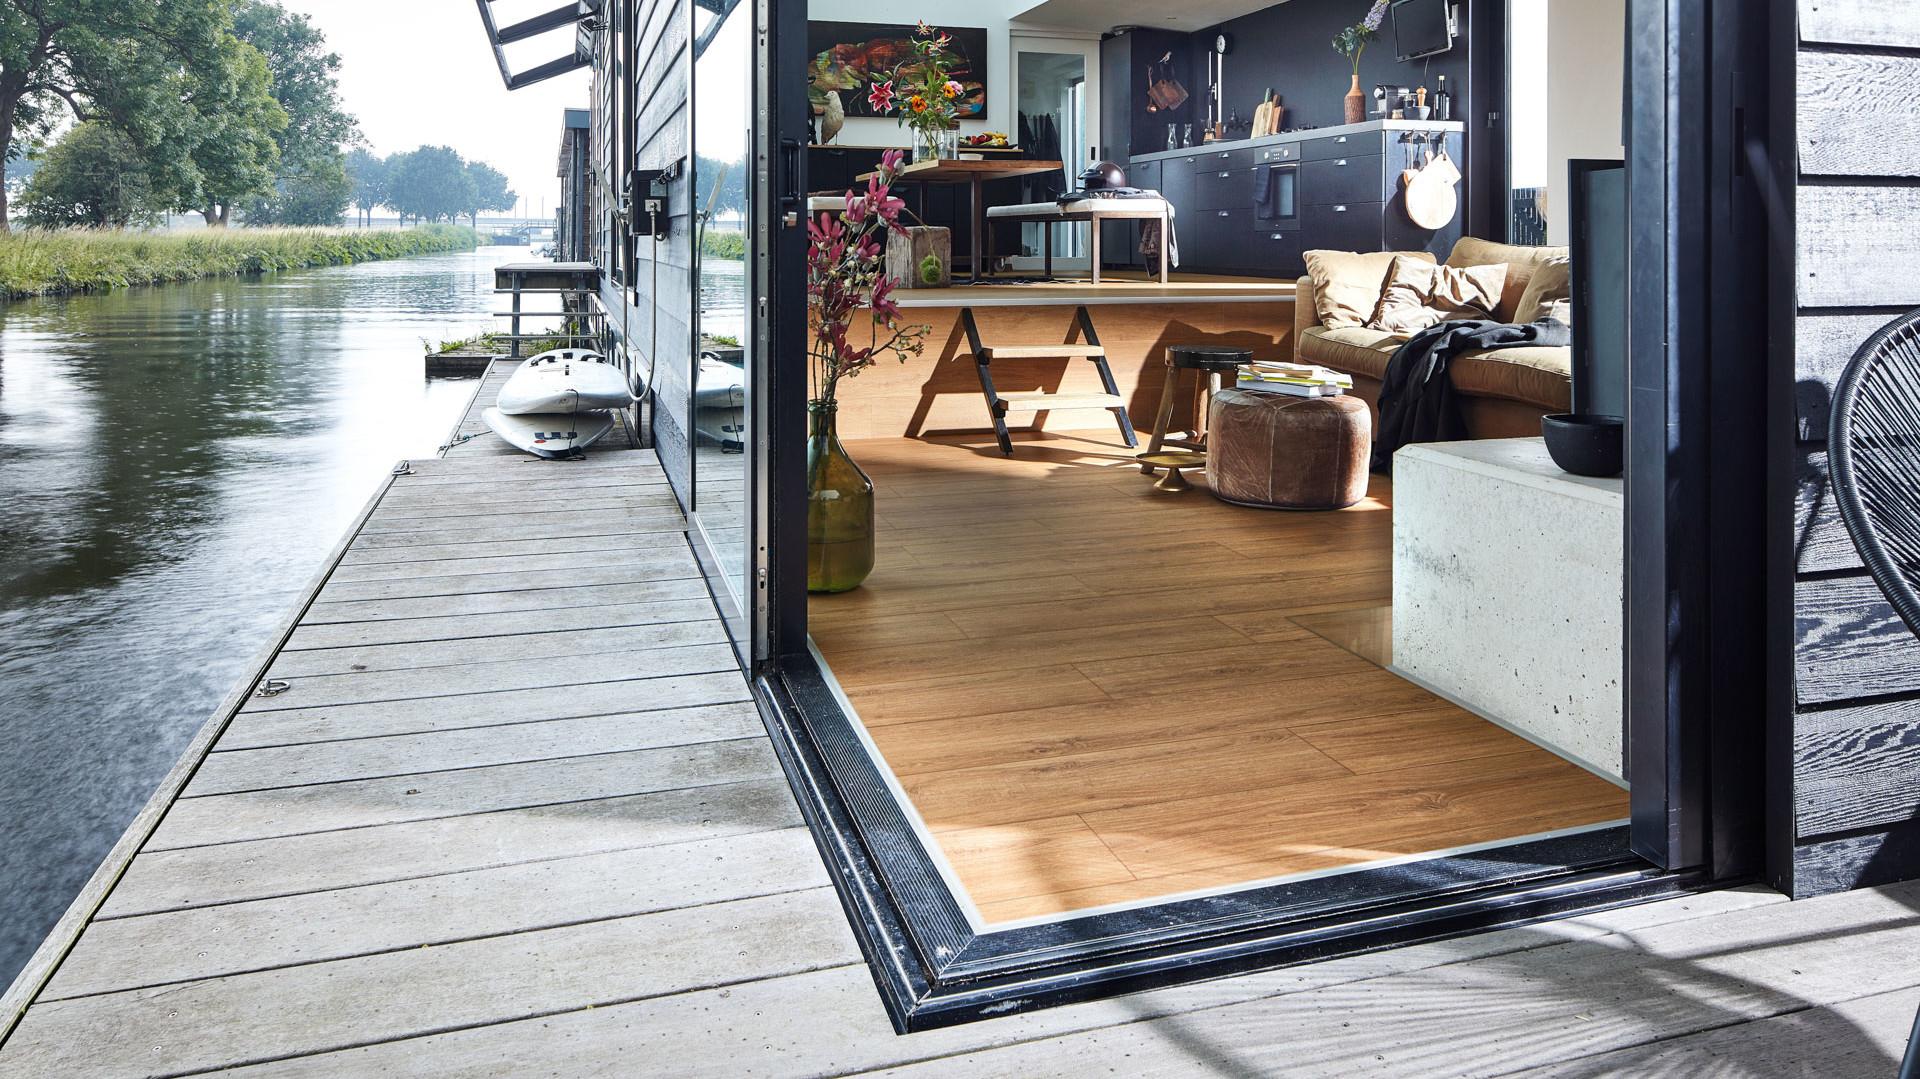 Designboden von MEISTER im Wohnraum eines Hausbootes auf dem Wasser